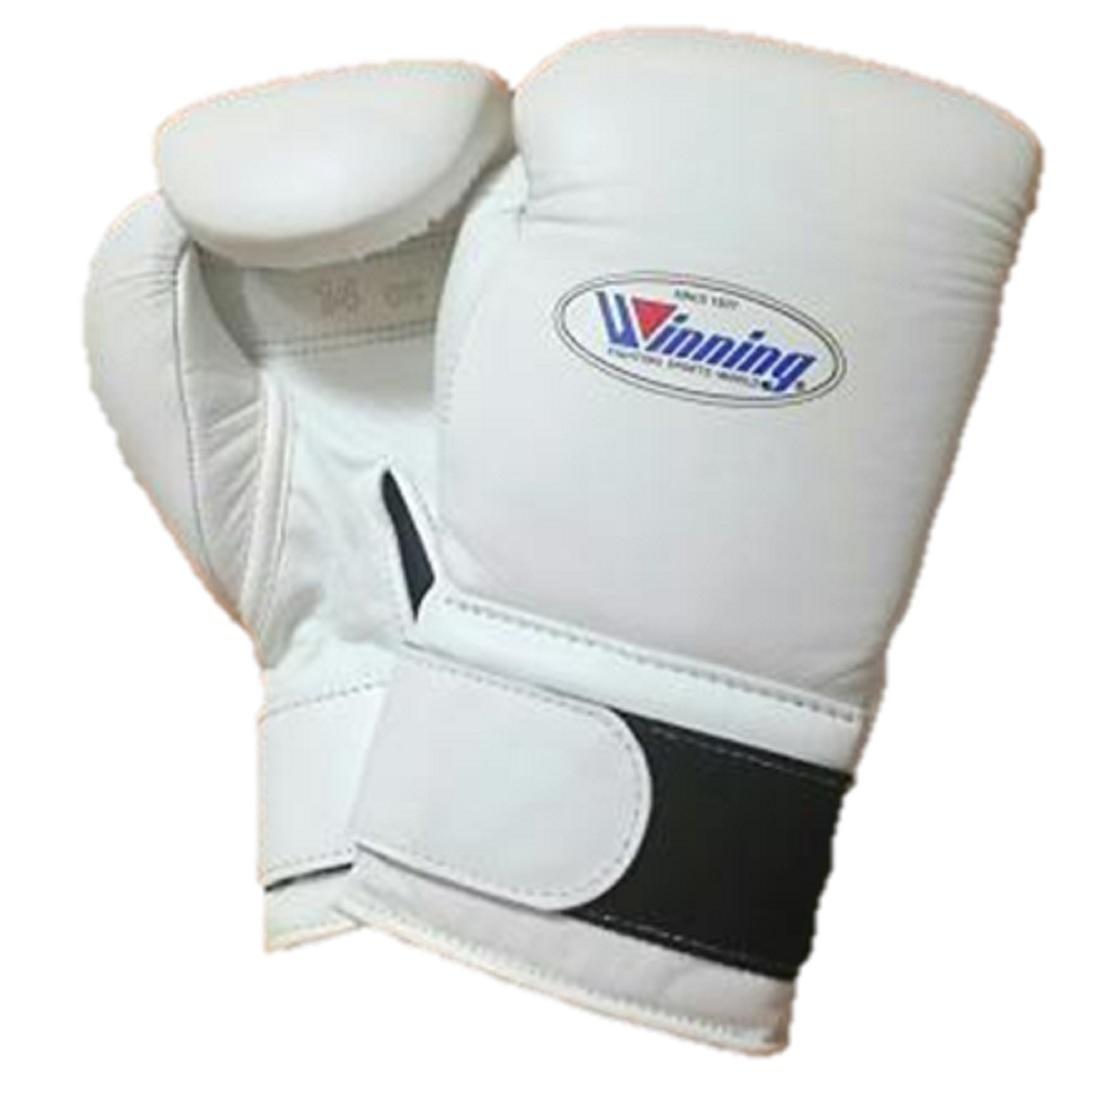 ウイニング Winning ボクシング 練習用ボクシンググローブ プロフェッショナルタイプ 10オンス マジックテープ式 MS-300-B//メーカー在庫なし 受注生産 納期30日~180日以上 完全注文販売